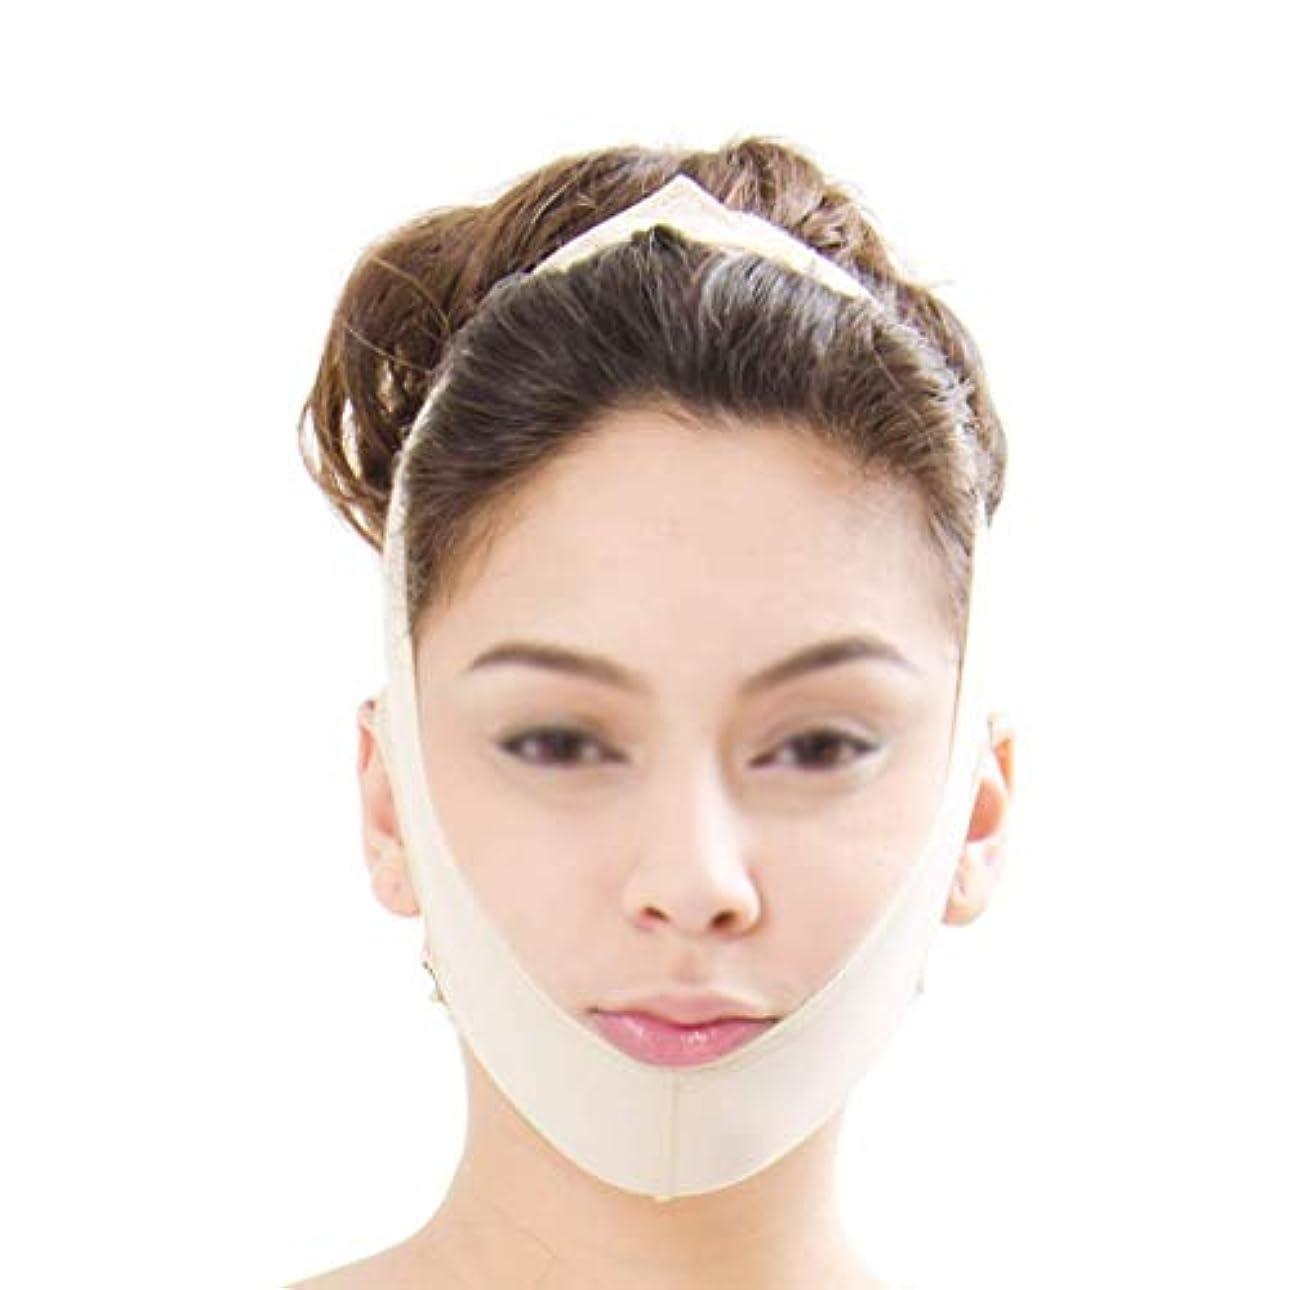 正確さ蓮言うまでもなくフェイススリミングバンデージ、フェイスリフティングマスク、フェイスリフティングバンデージ、フェイシャル減量マスク、ダブルチンケア減量(サイズ:M),XL